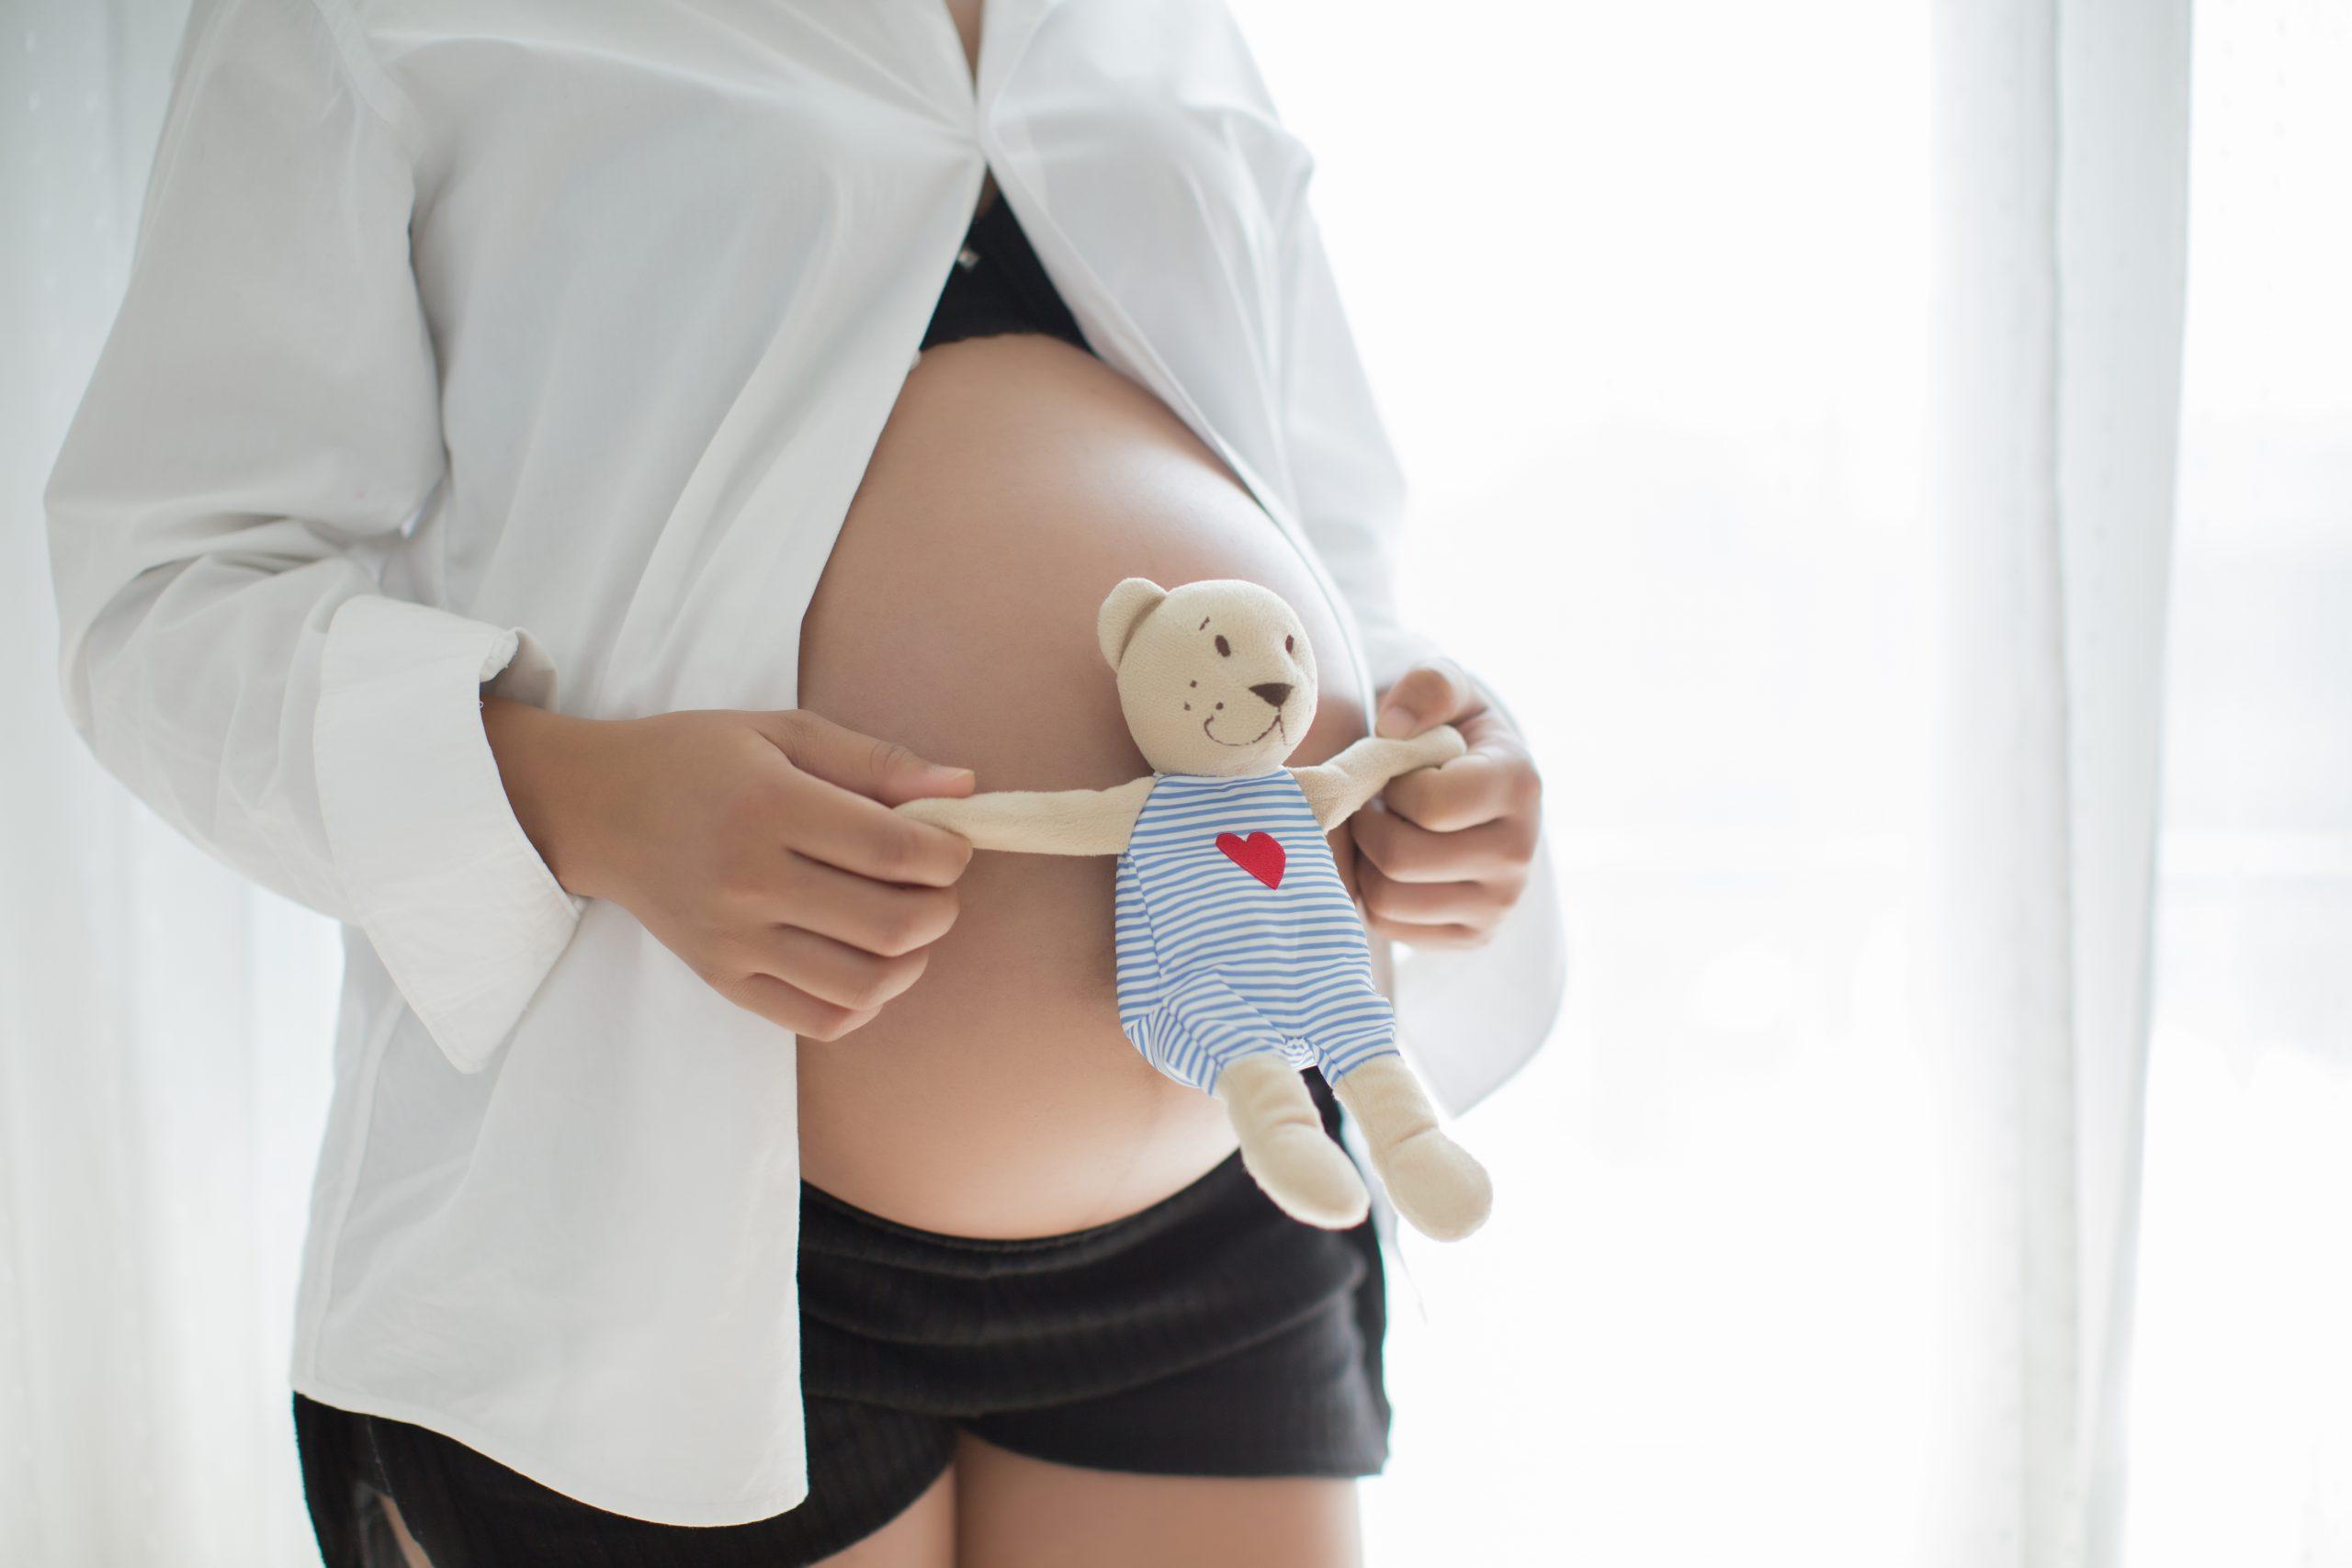 O meu bebé tem o peso de uma meloa